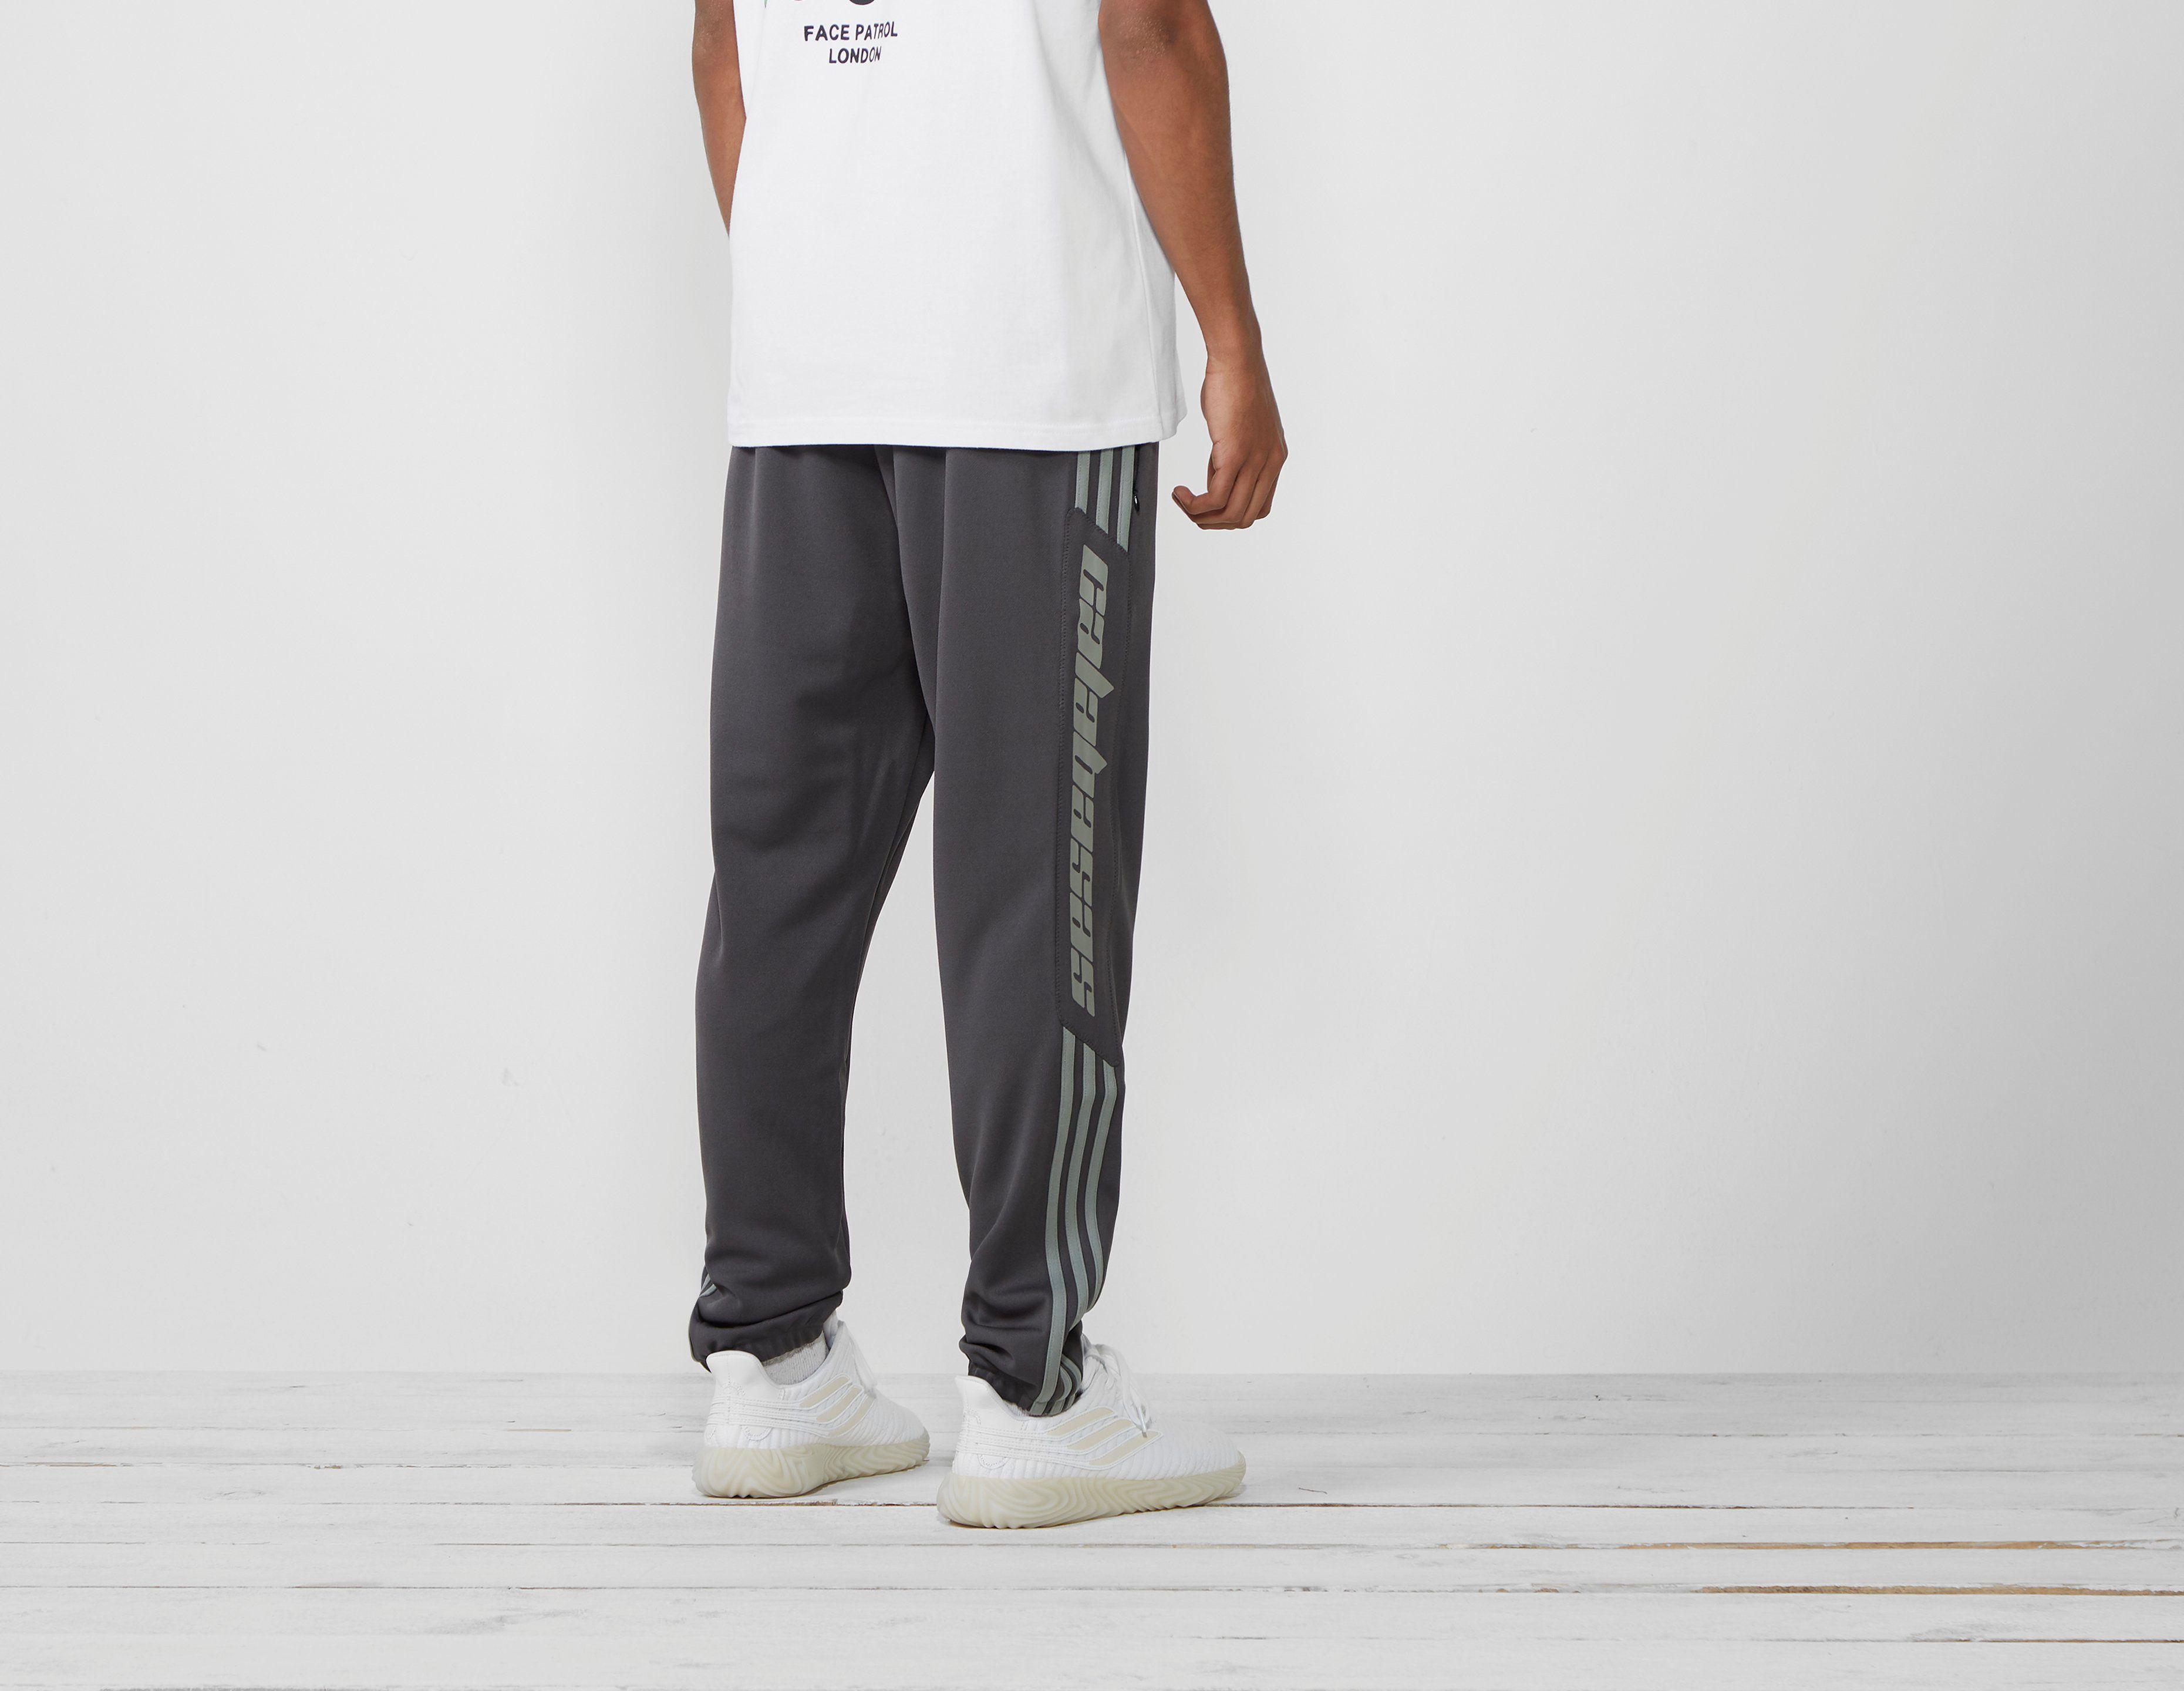 adidas x YEEZY Calabasas Track Pant